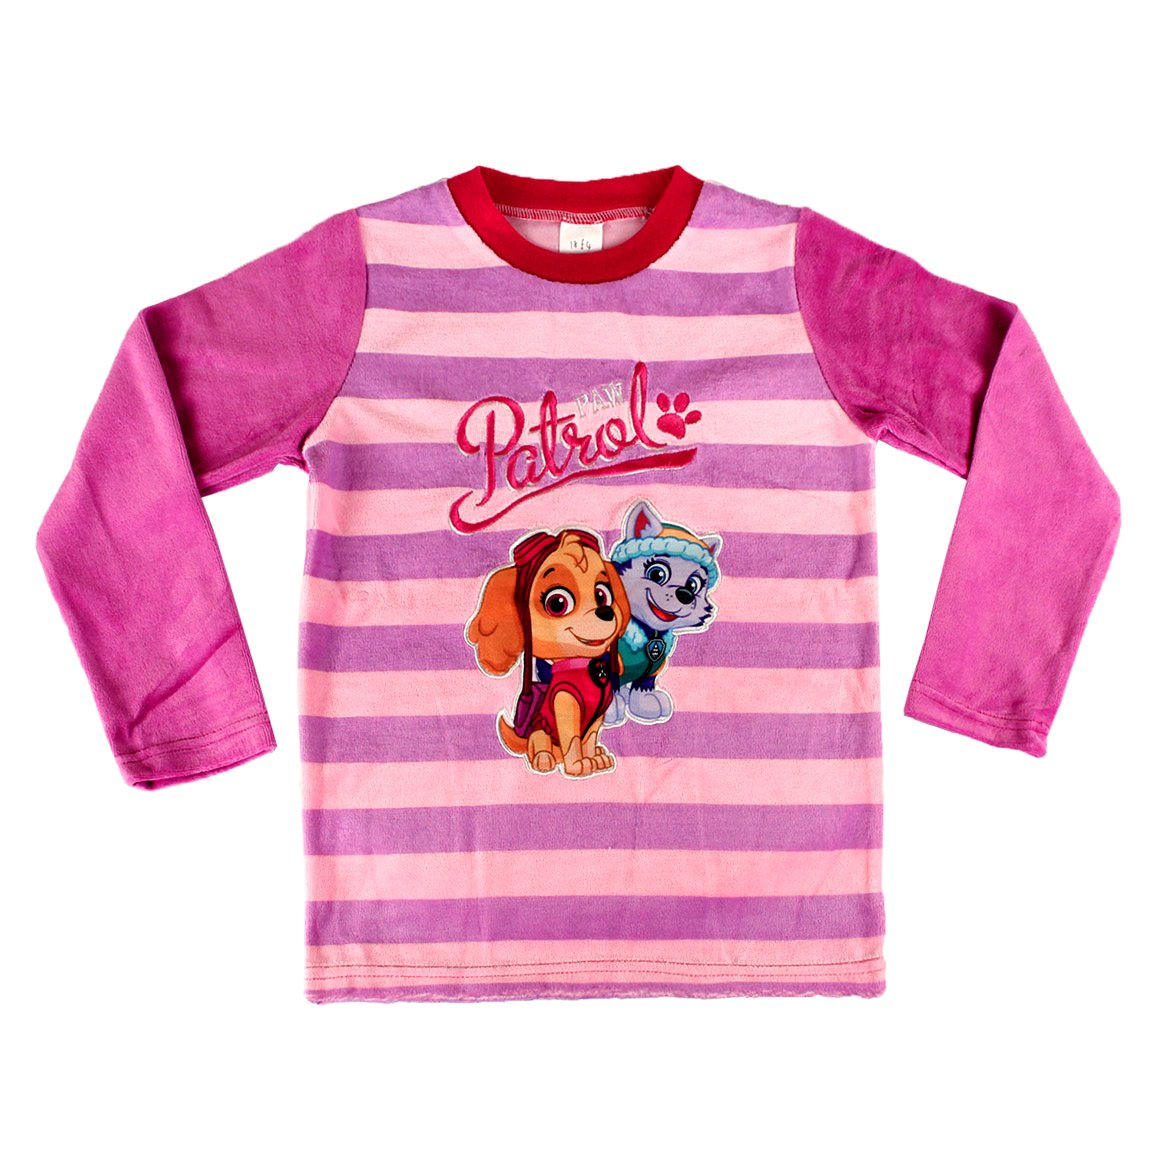 079aec000032d 896998 Pyjama Enfant Fille imprimé Paw Patrol en Polaire Chaude de 3 à 6 Ans  - 3 Ans  Amazon.fr  Vêtements et accessoires